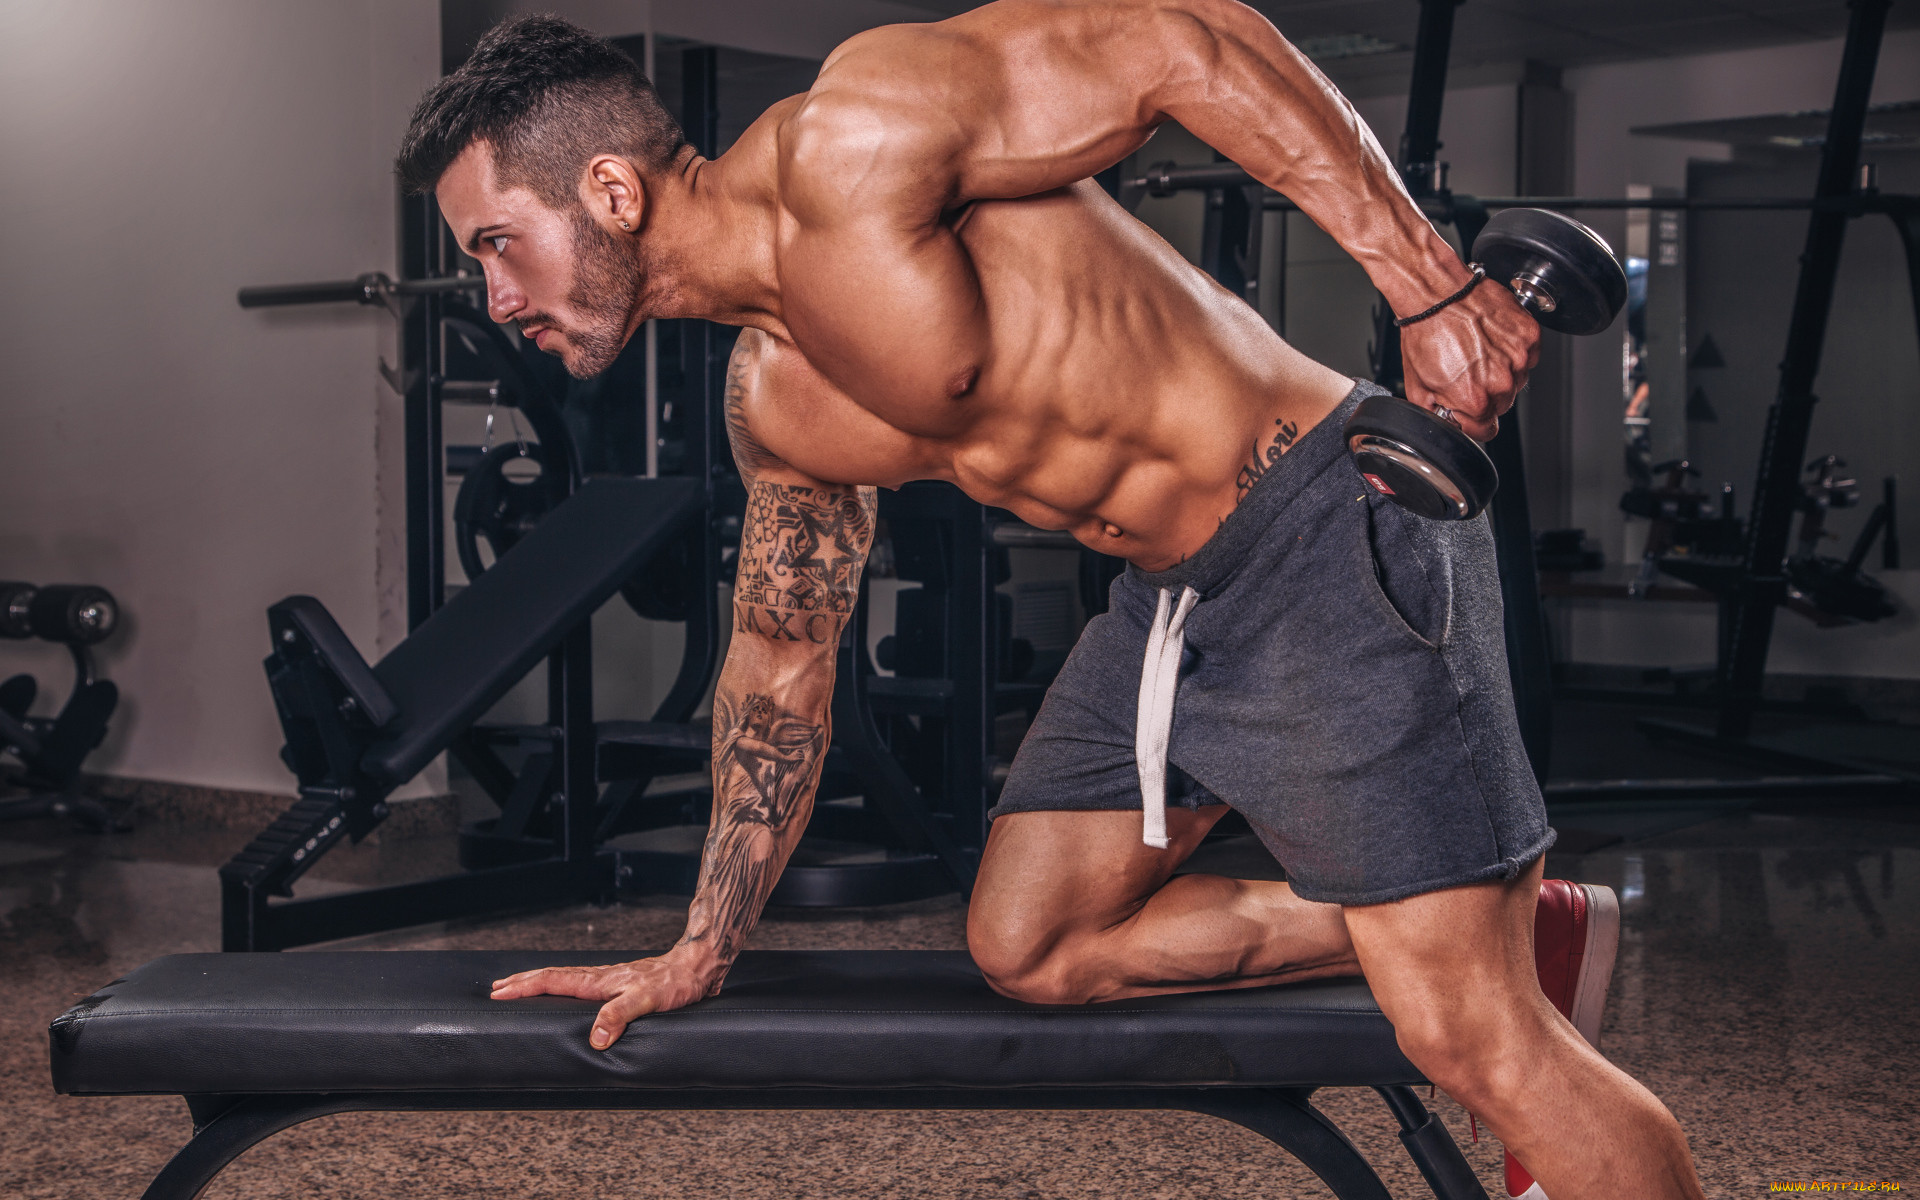 поздравляю, фотосессия для мужчин фитнес сабли